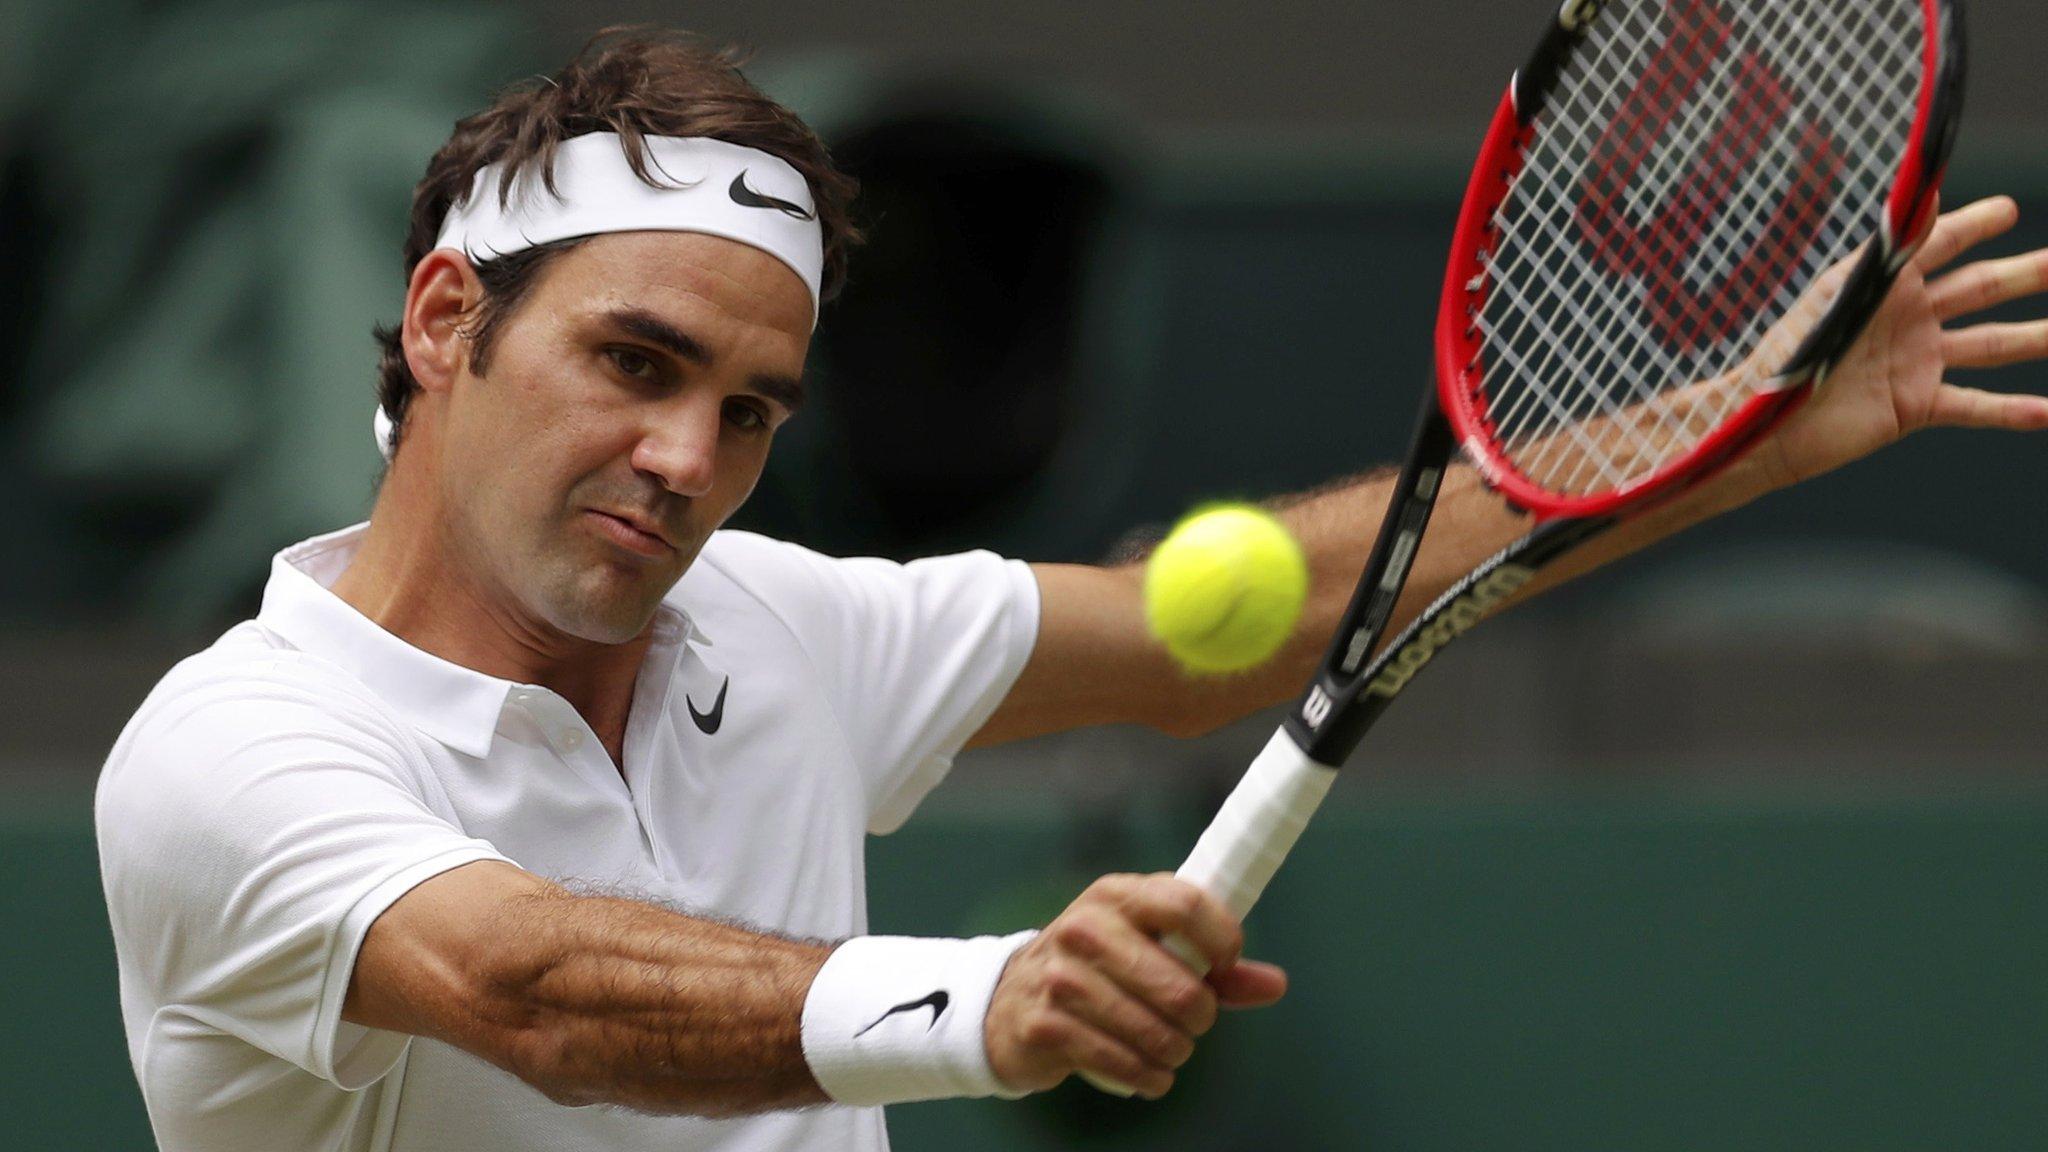 Pictures Of Roger Federer